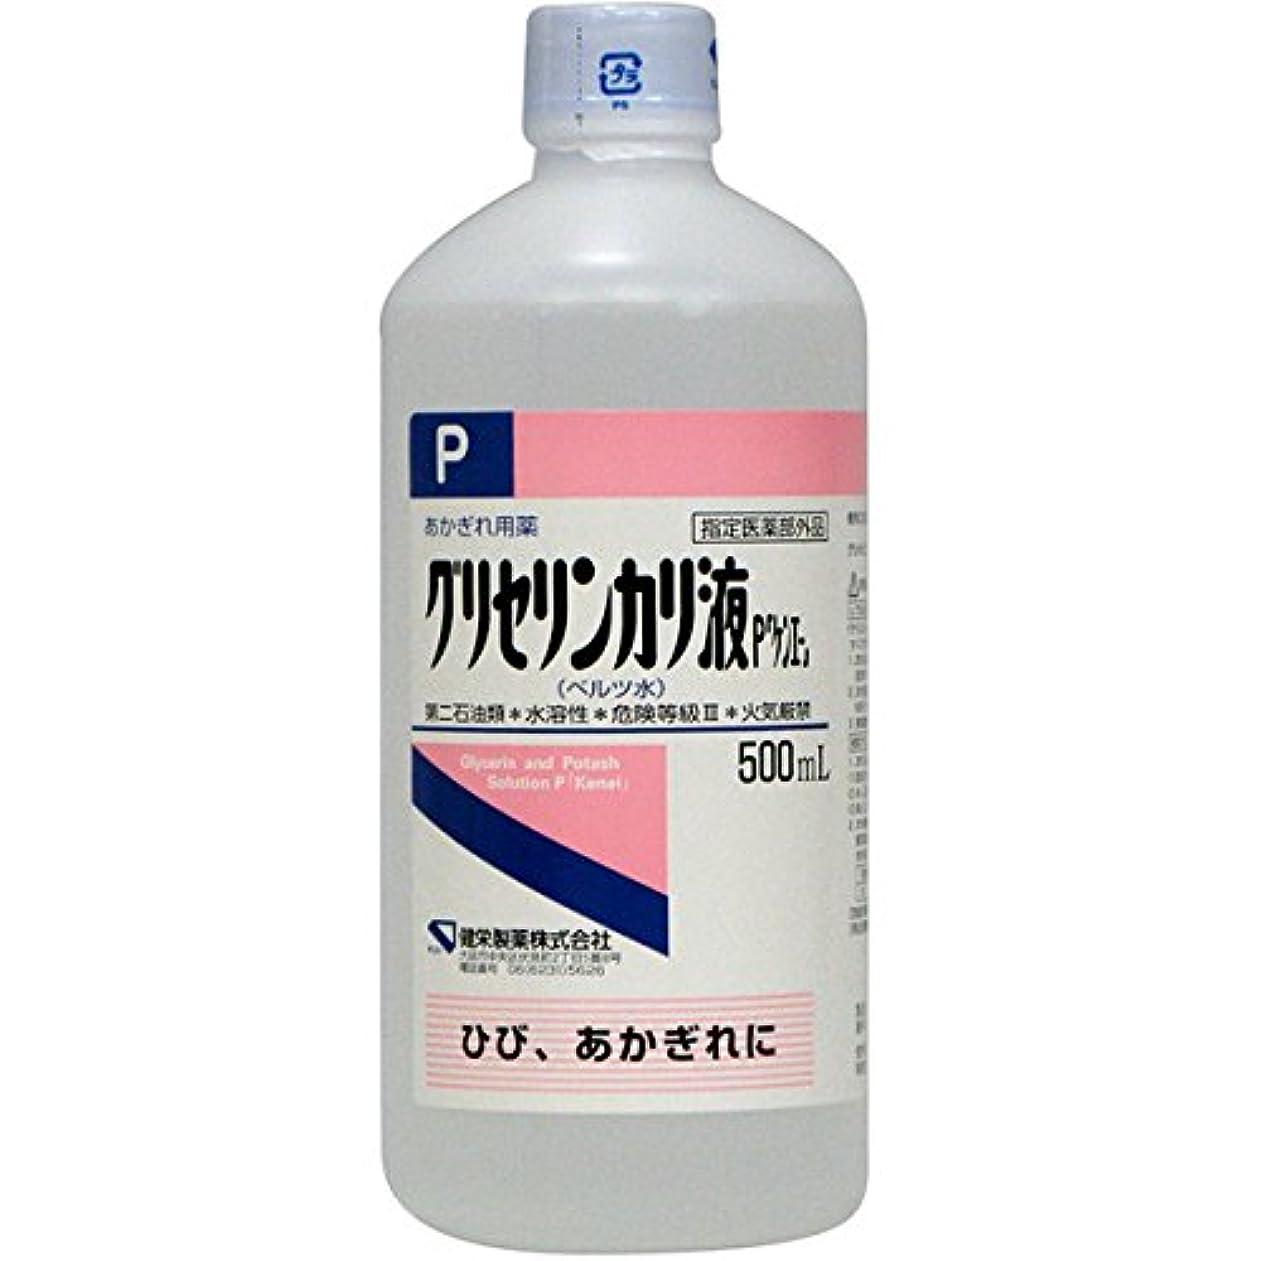 アコードウォルターカニンガム木曜日健栄製薬 グリセリンカリ液 ベルツ水 500ml